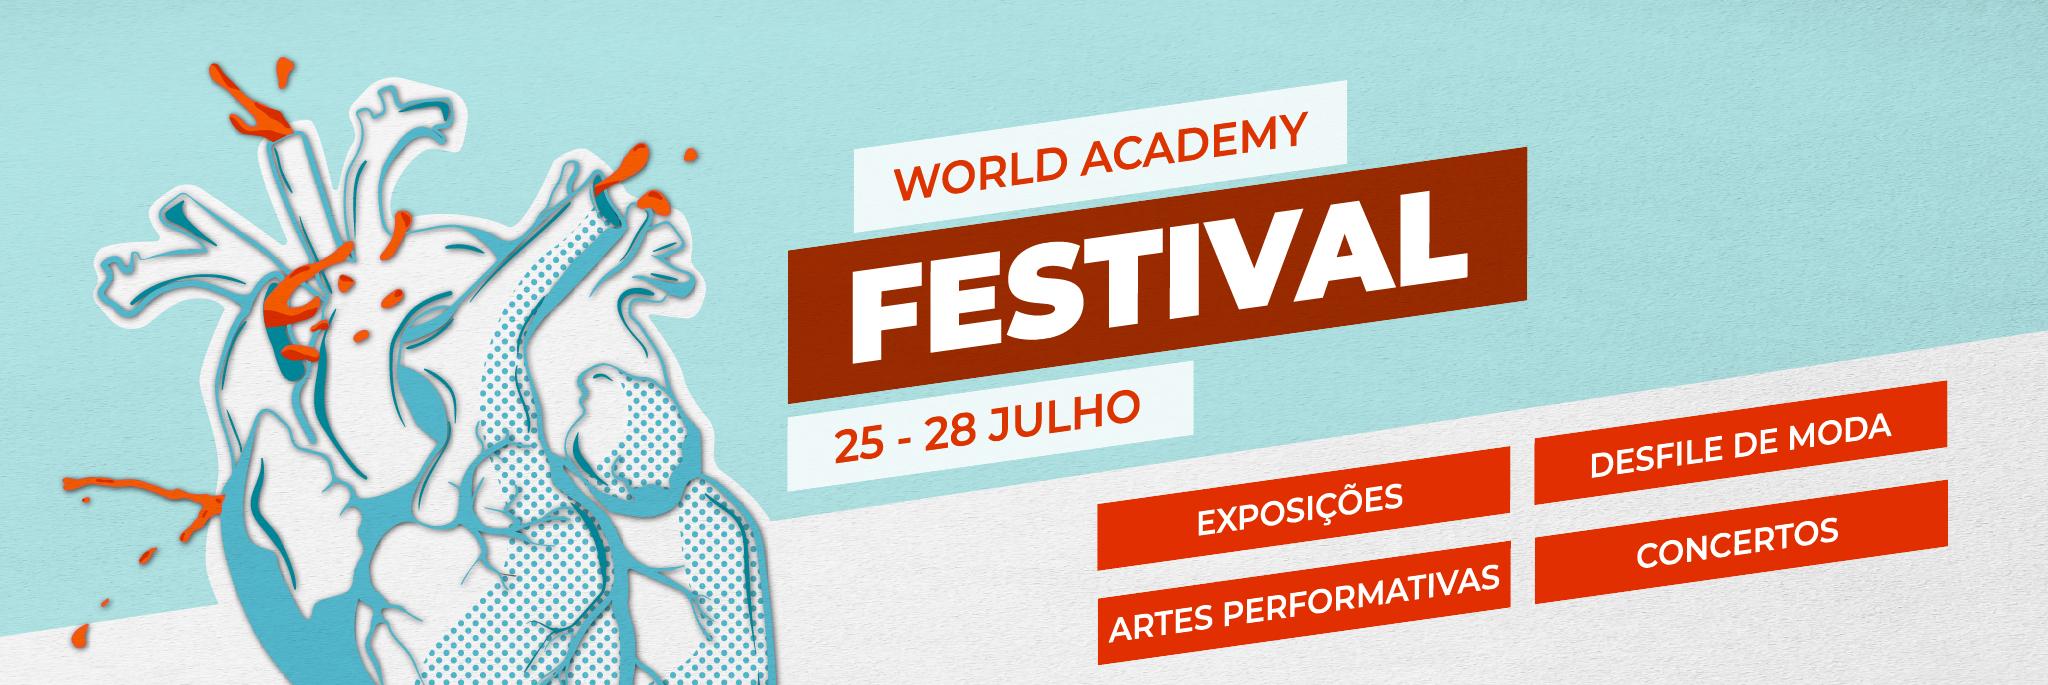 Festival World Academy 2019